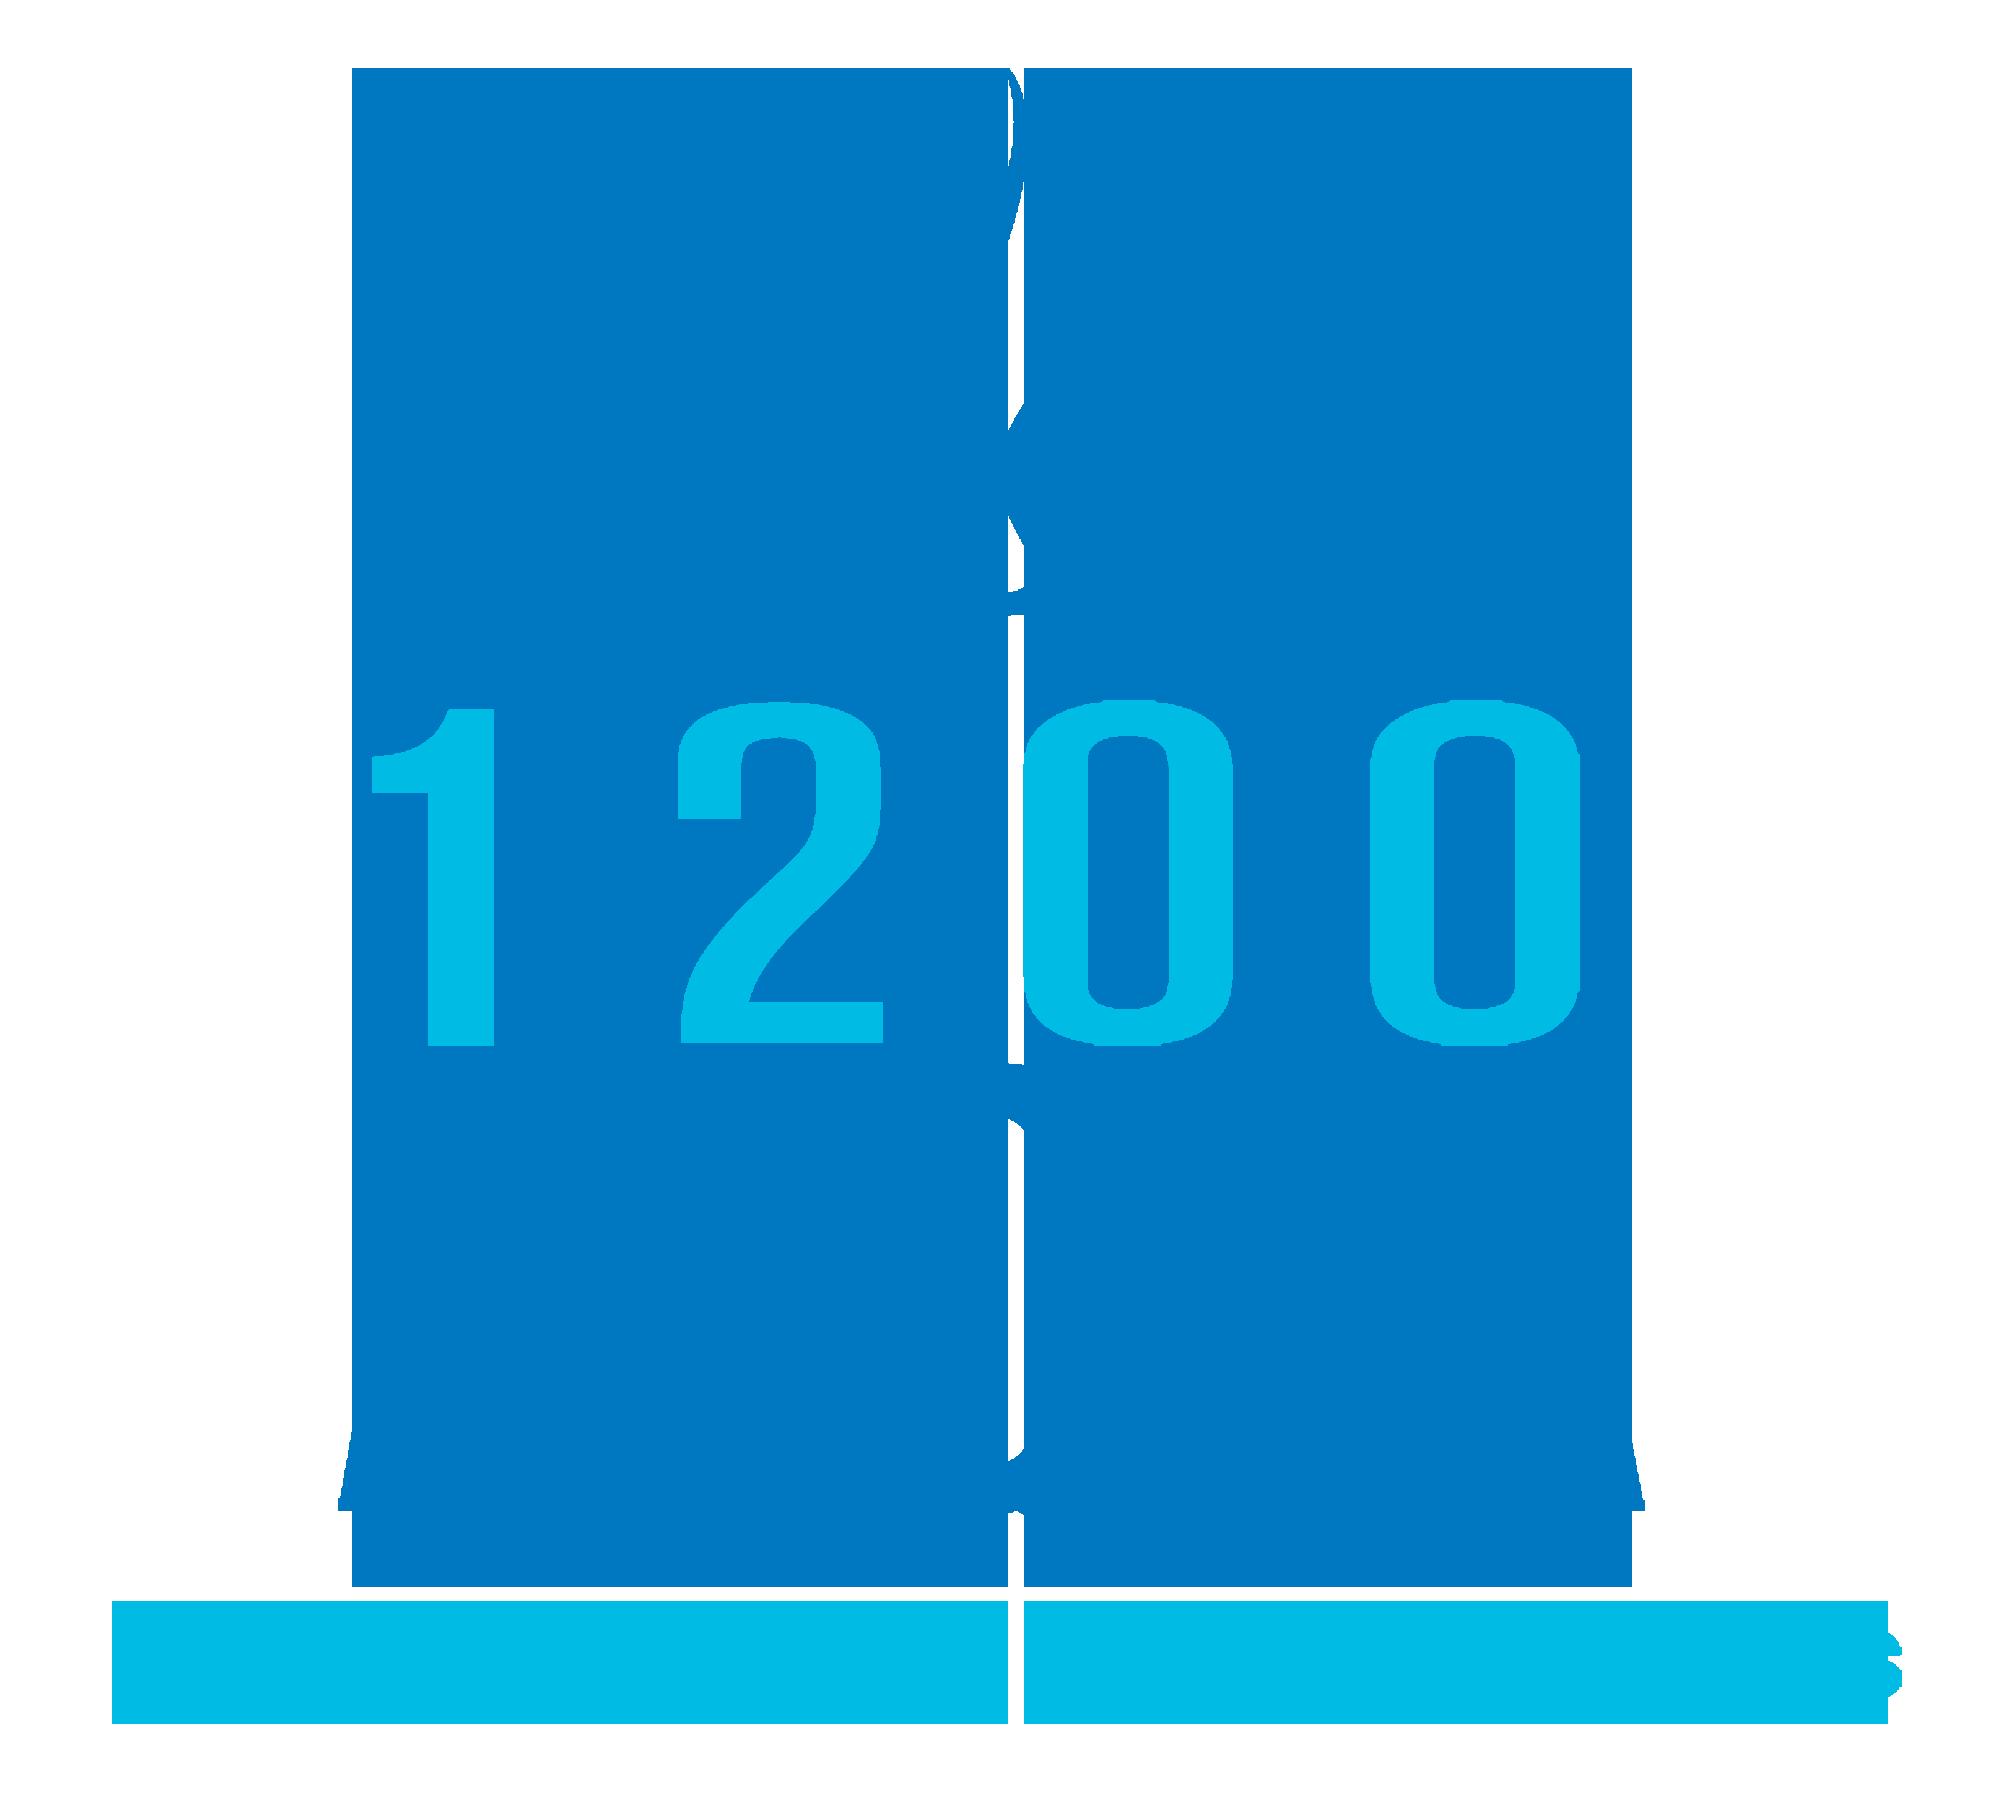 1200 Acqua | Luxury Apartments in Petersburg, Virginia close to ...